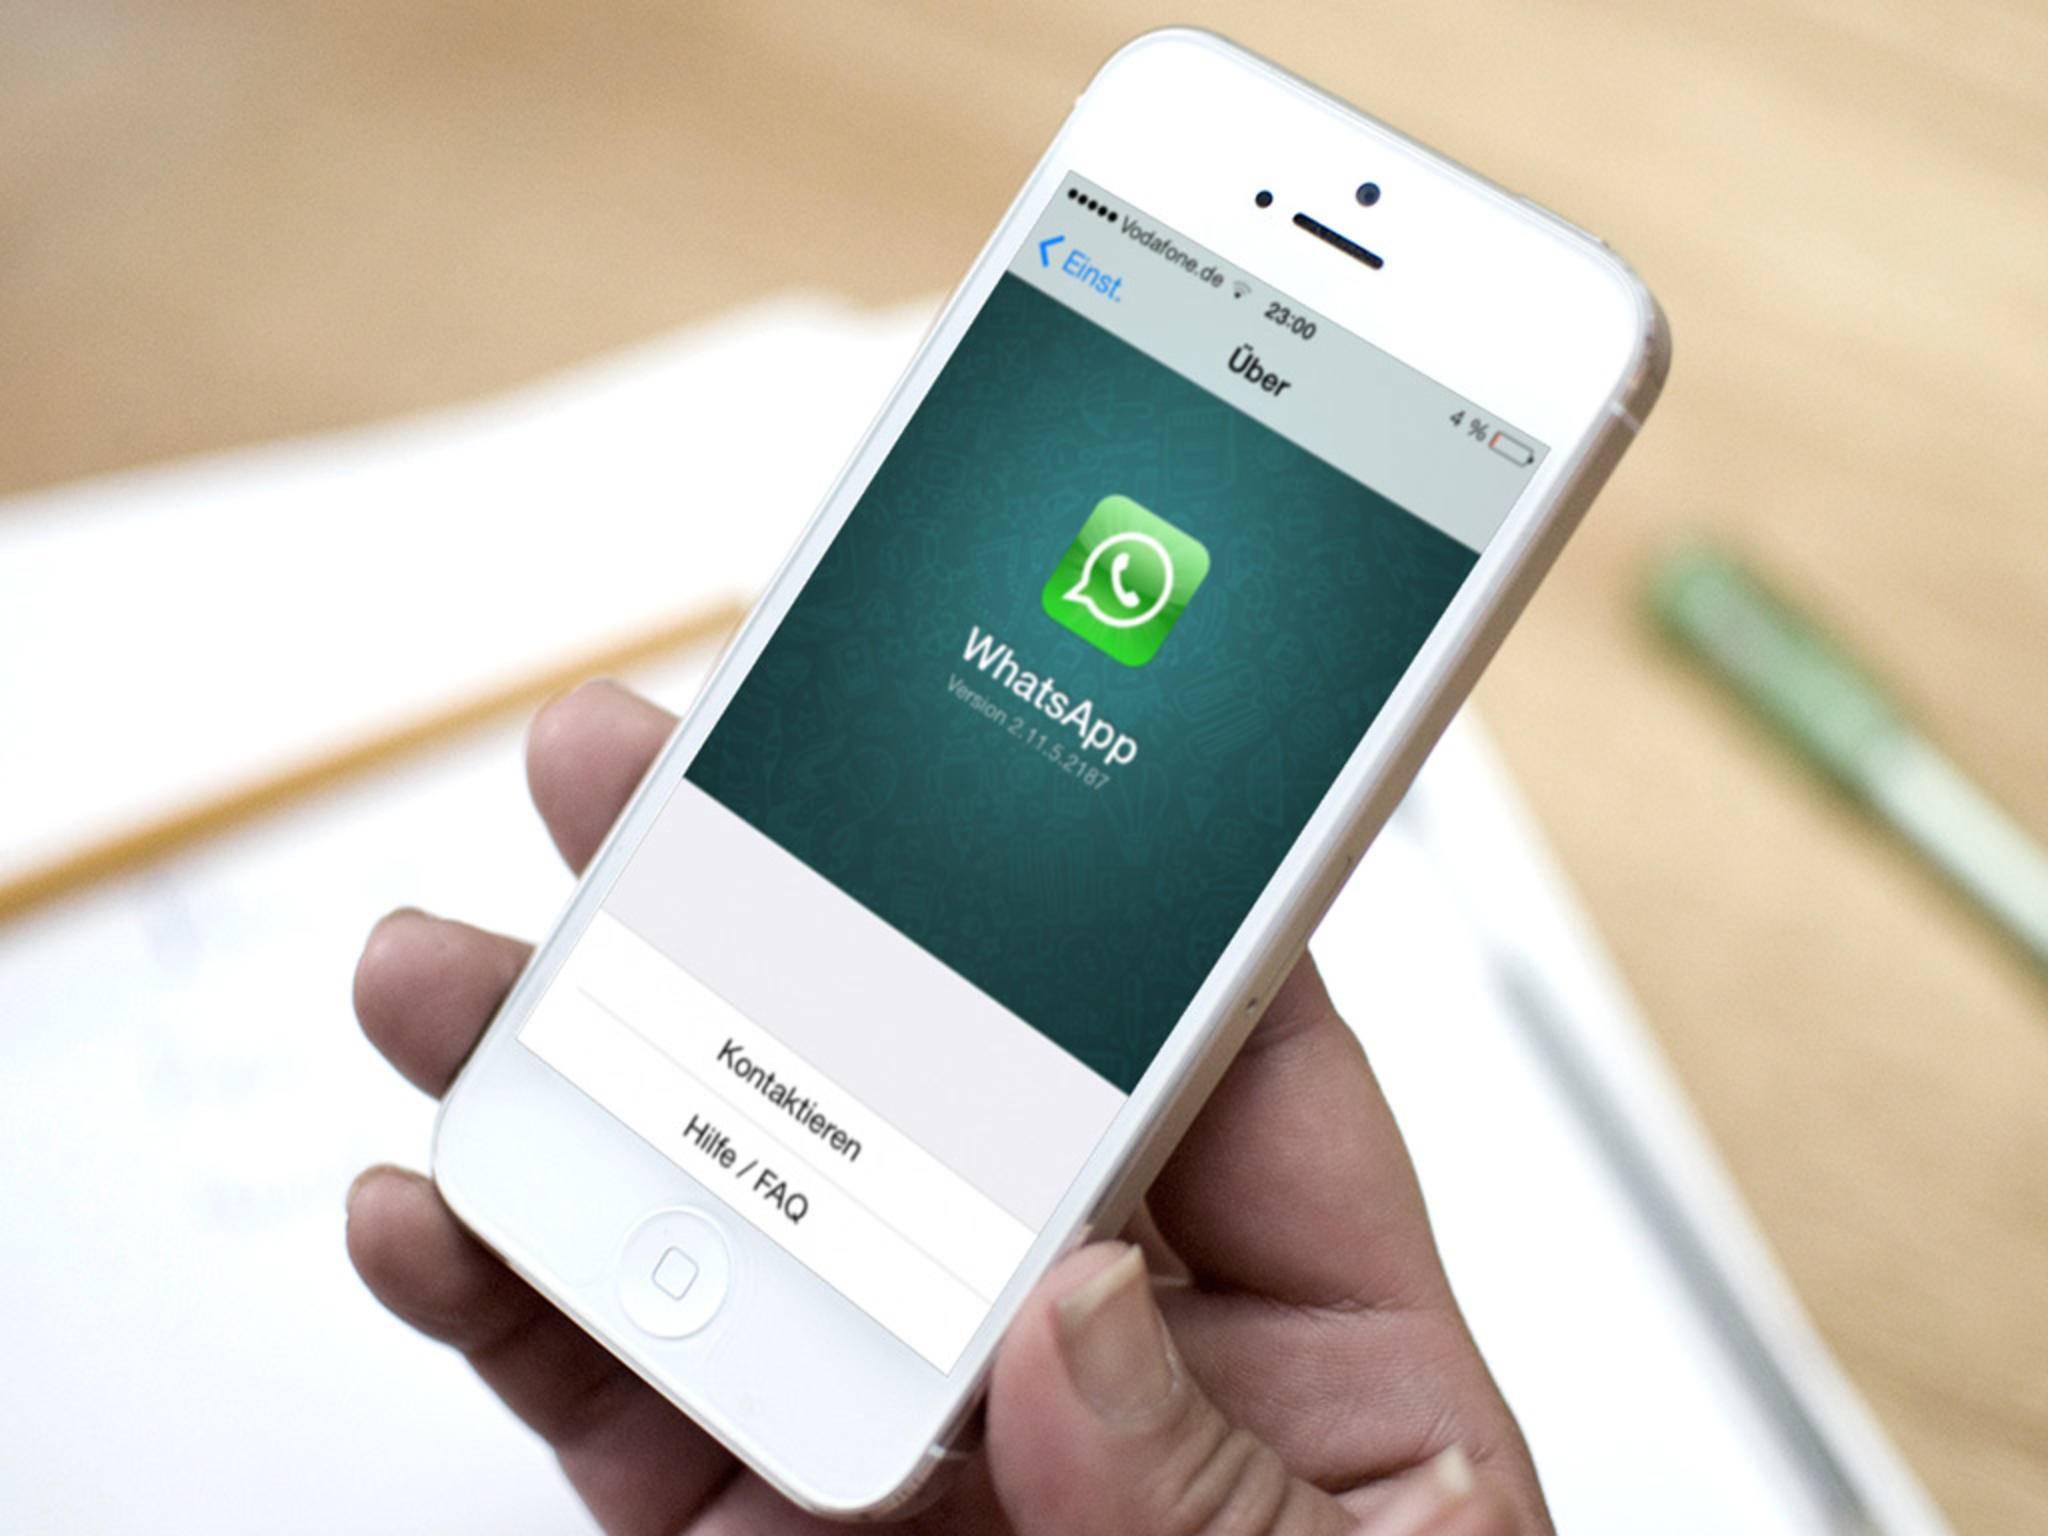 Seltsame Push-Nachrichten von WhatsApp verwirren die Nutzer.